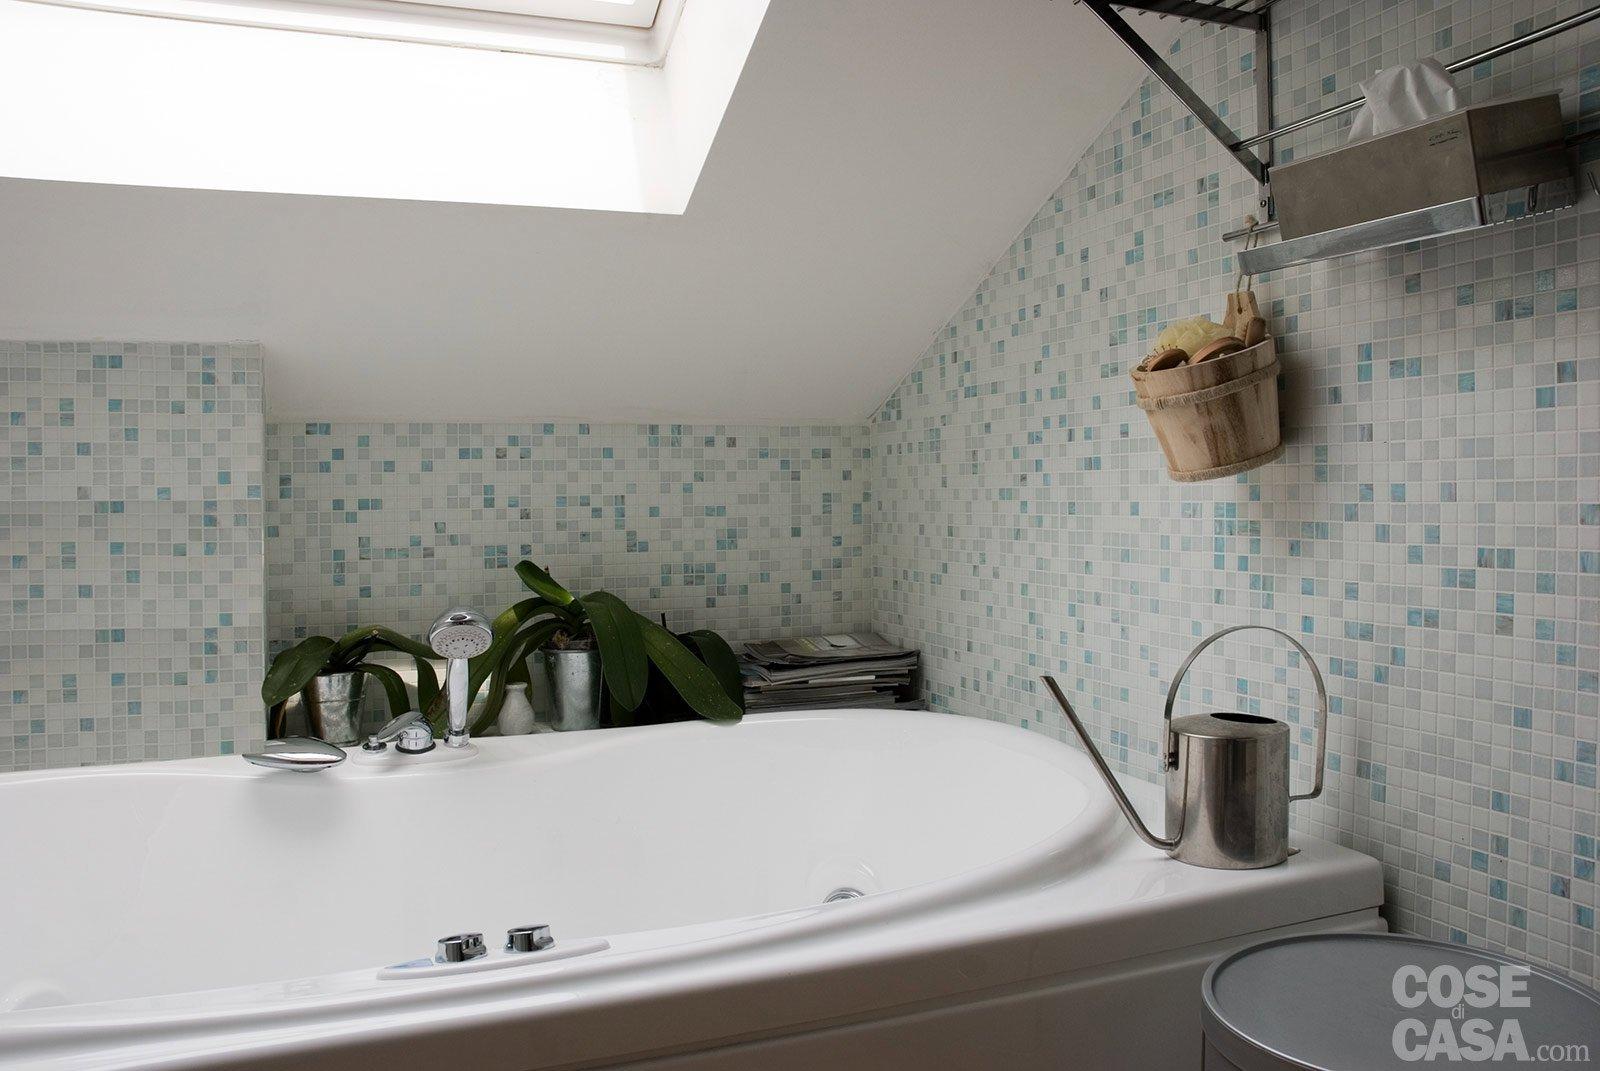 Casabook immobiliare sottotetto una casa con travi a vista for Rivestimento parete interna